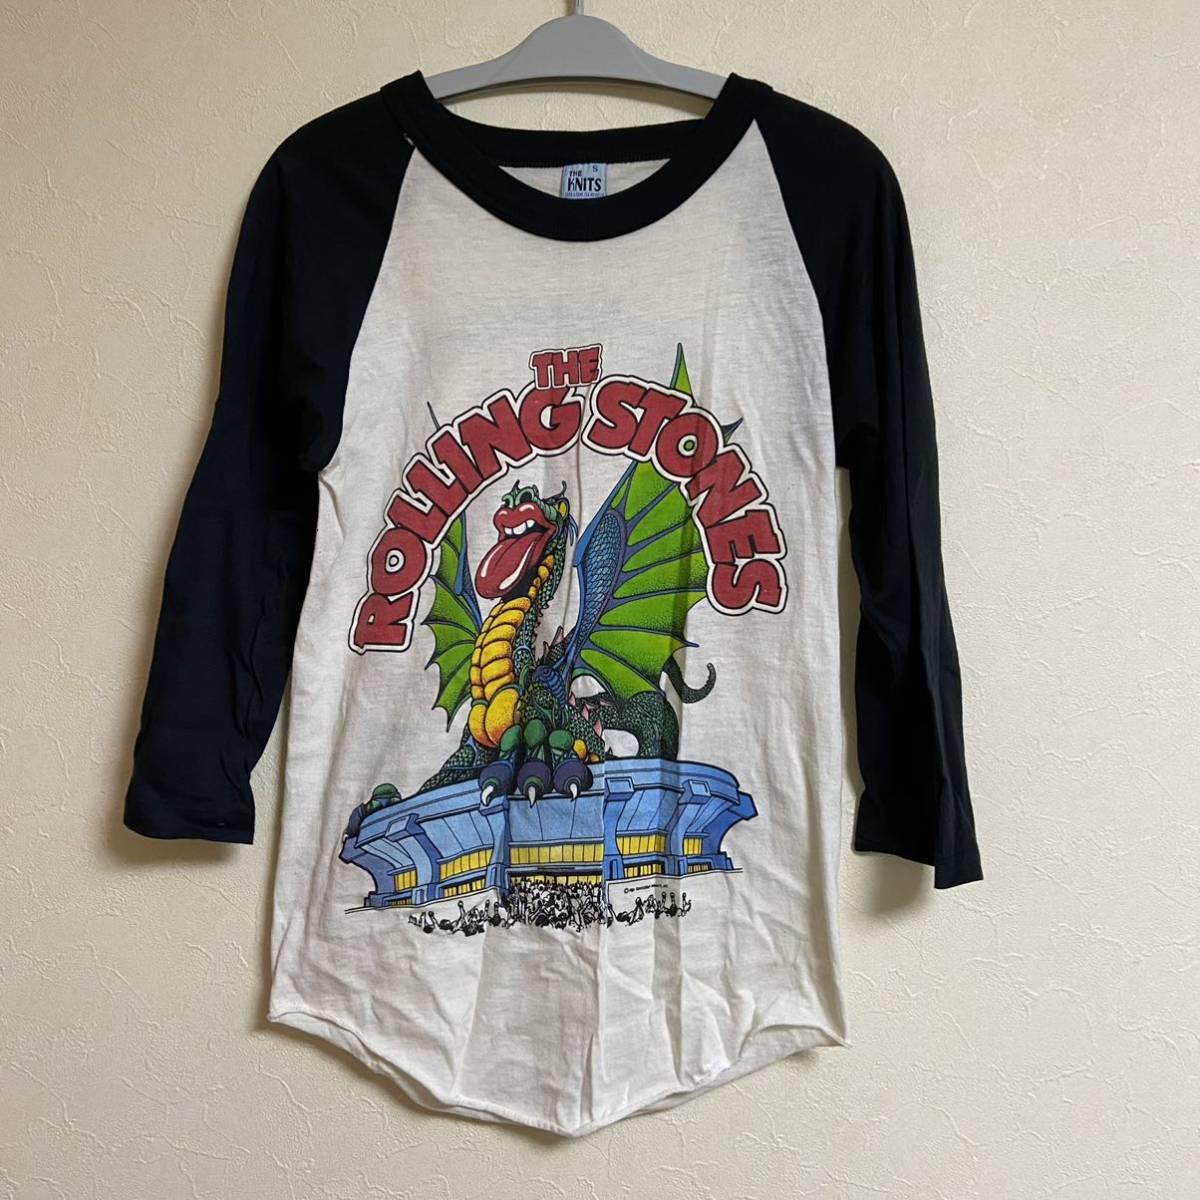 ローリングストーンズ 1981 サンフランシスコ ベースボールシャツ rolling stones ドラゴン オリジナル